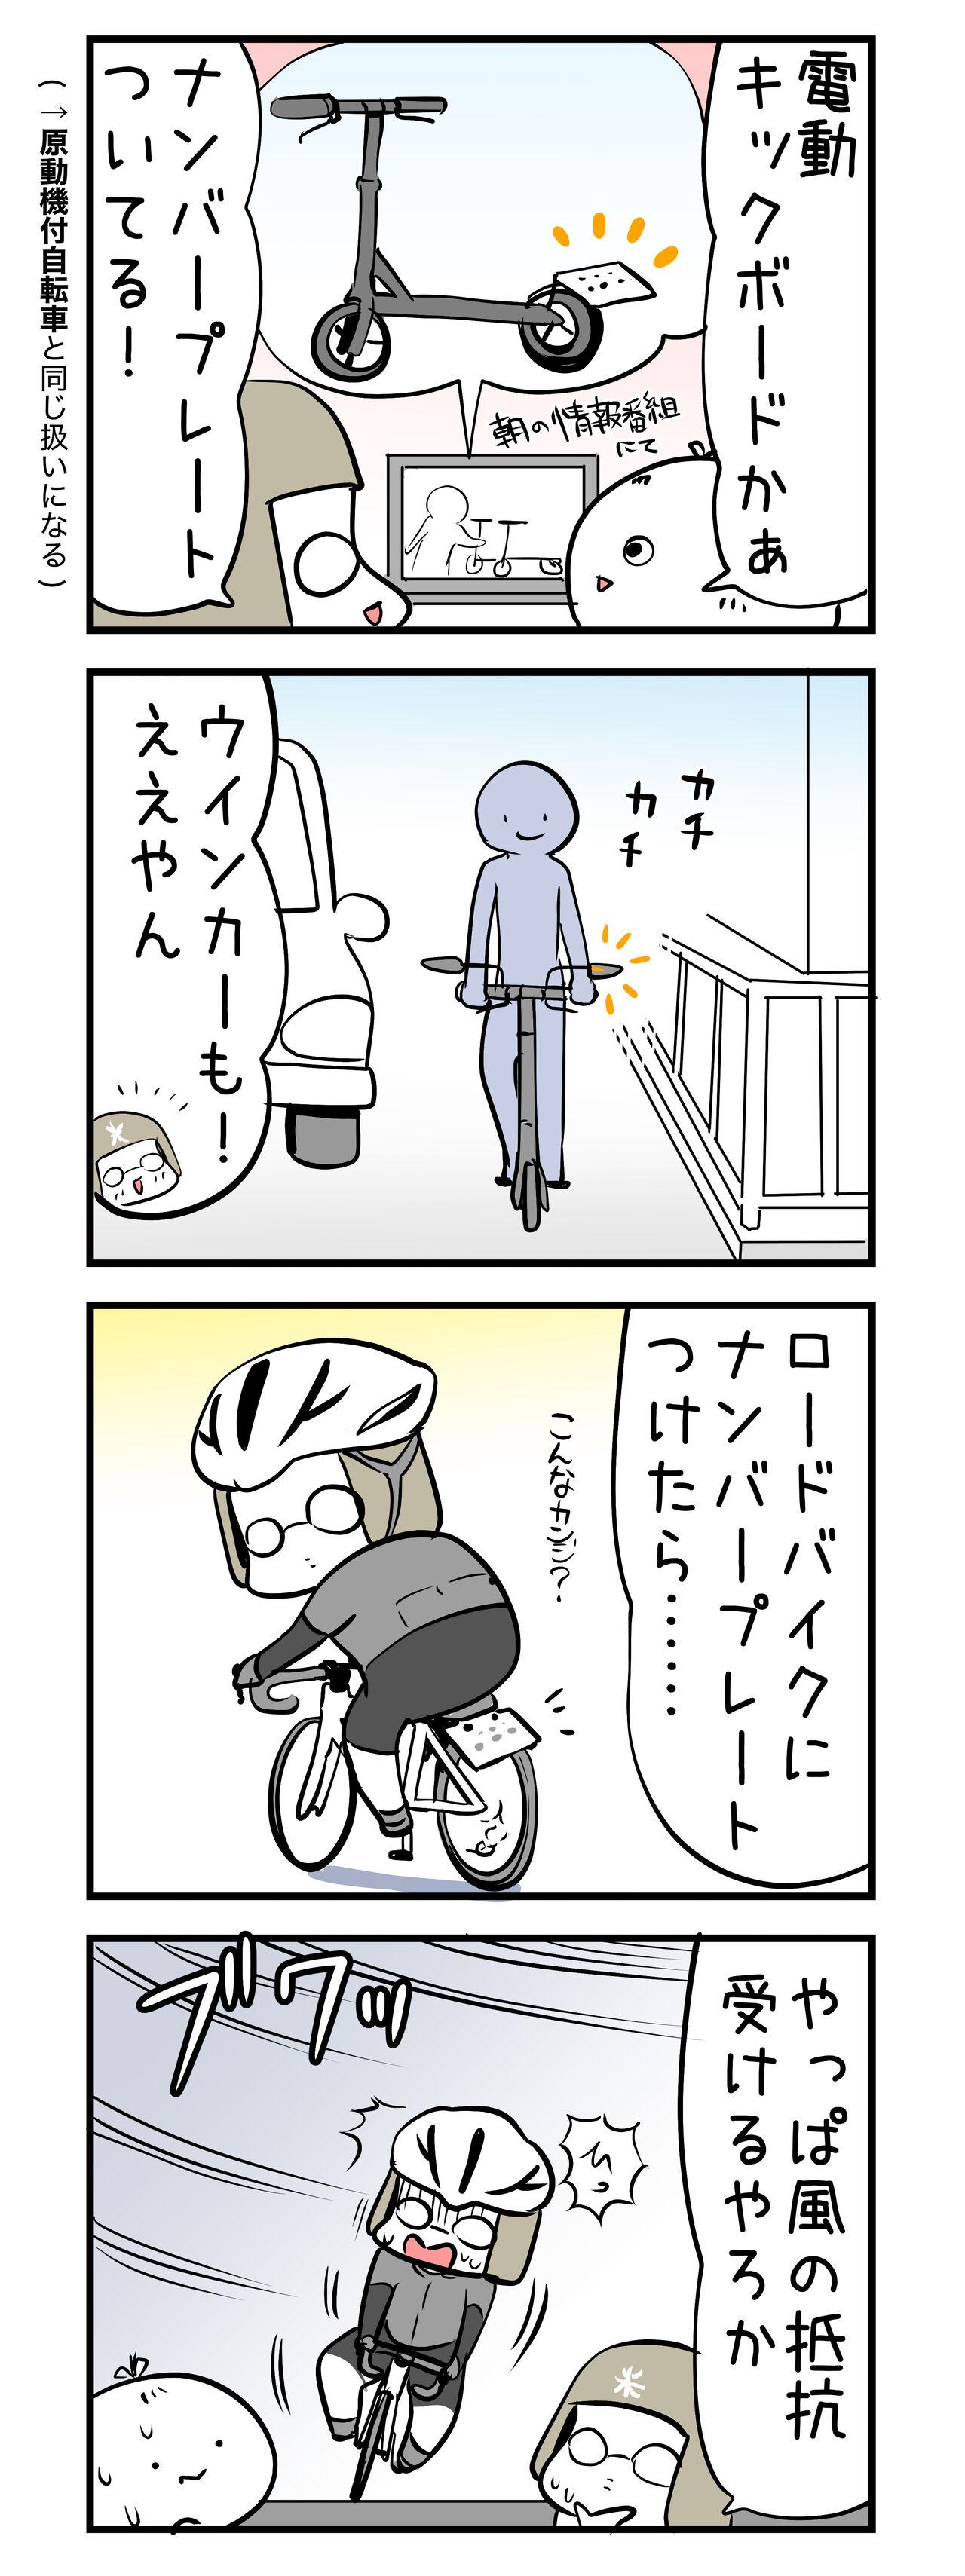 ボード あつ 森 電動 キック